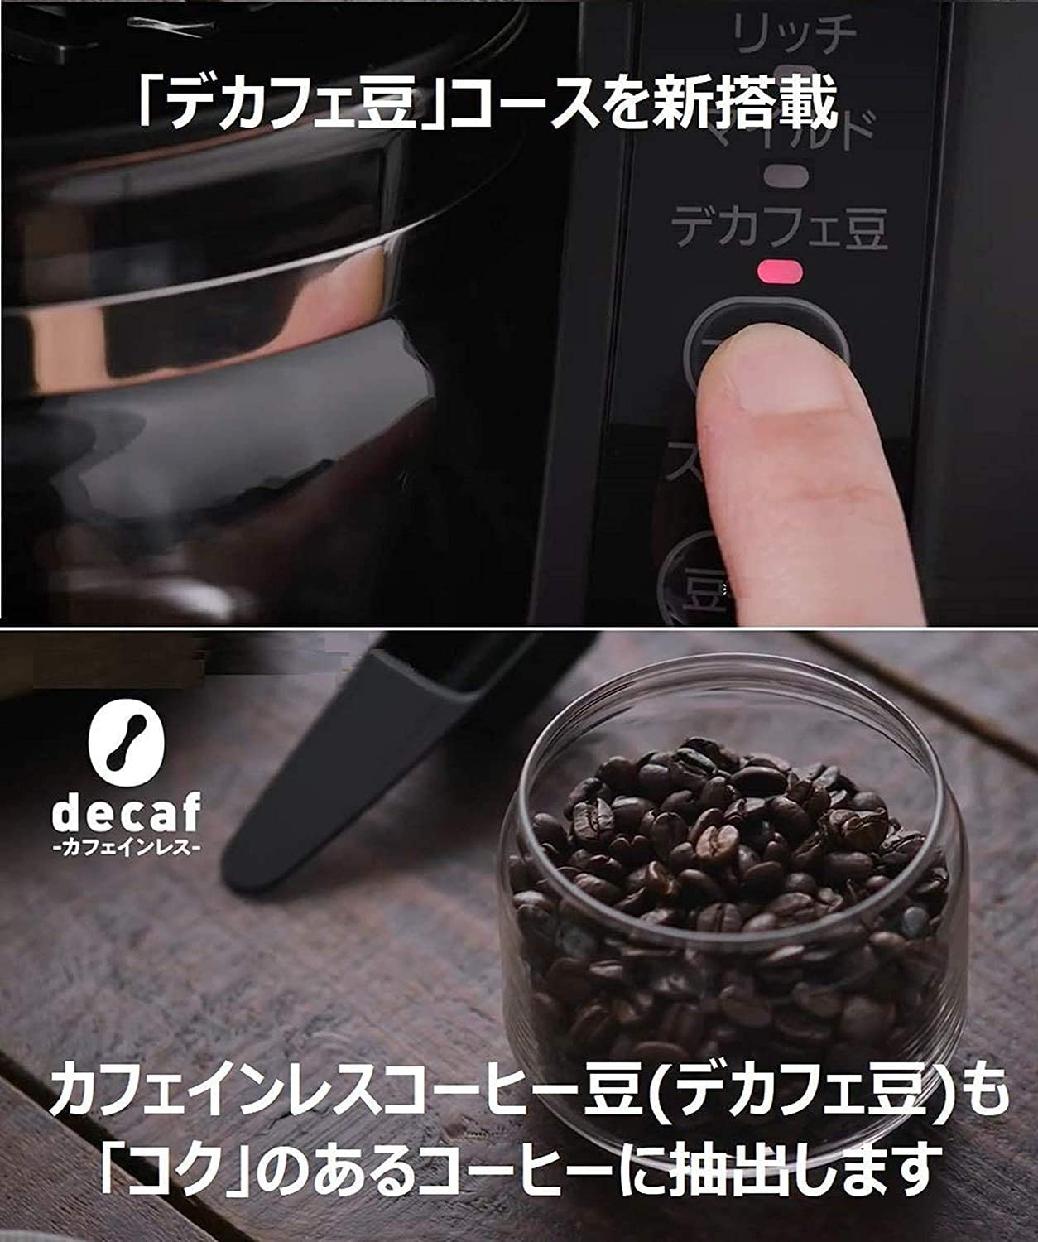 Panasonic(パナソニック)沸騰浄水コーヒーメーカー NC-A57の商品画像5